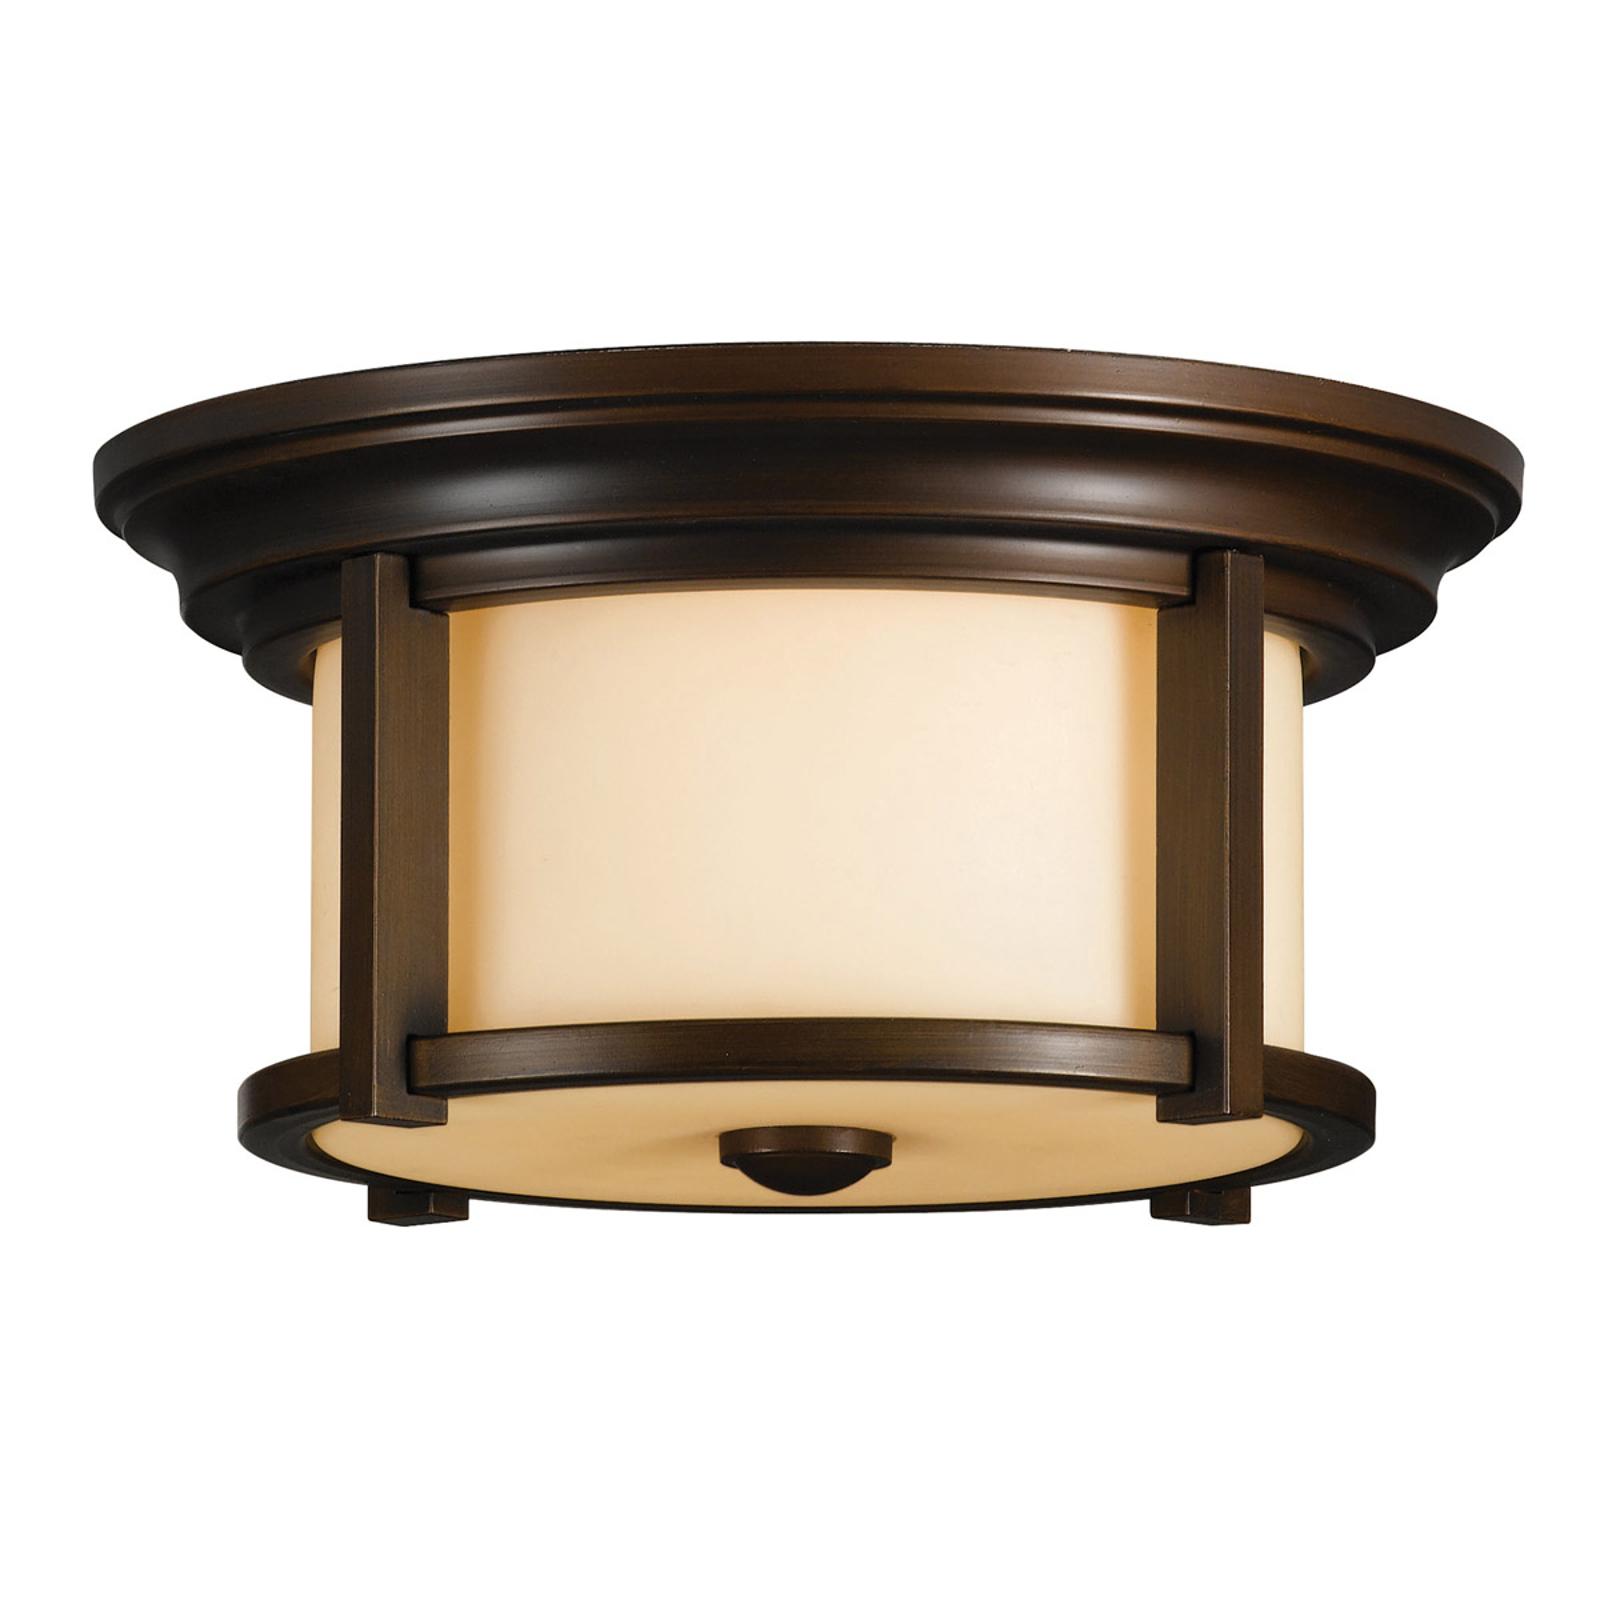 Vonkajšie stropné svietidlo Merrill v bronzovej_3048369_1